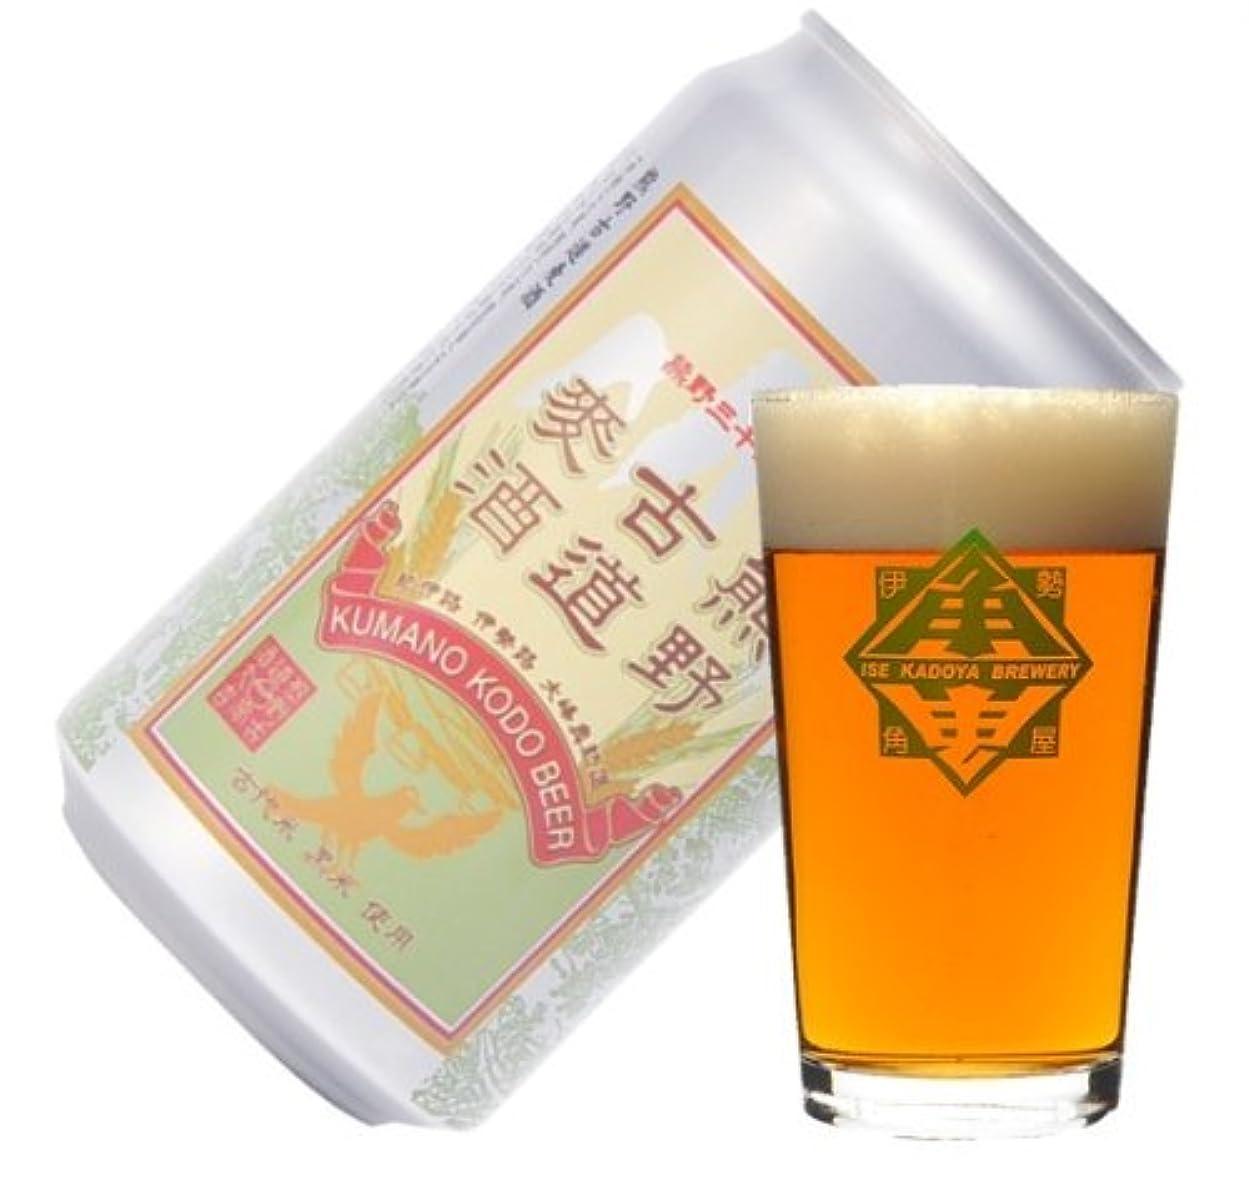 クリークくグリット【ケース販売】[三重県 地ビール]伊勢角屋麦酒 熊野古道麦酒 350ml×24本 1ケース